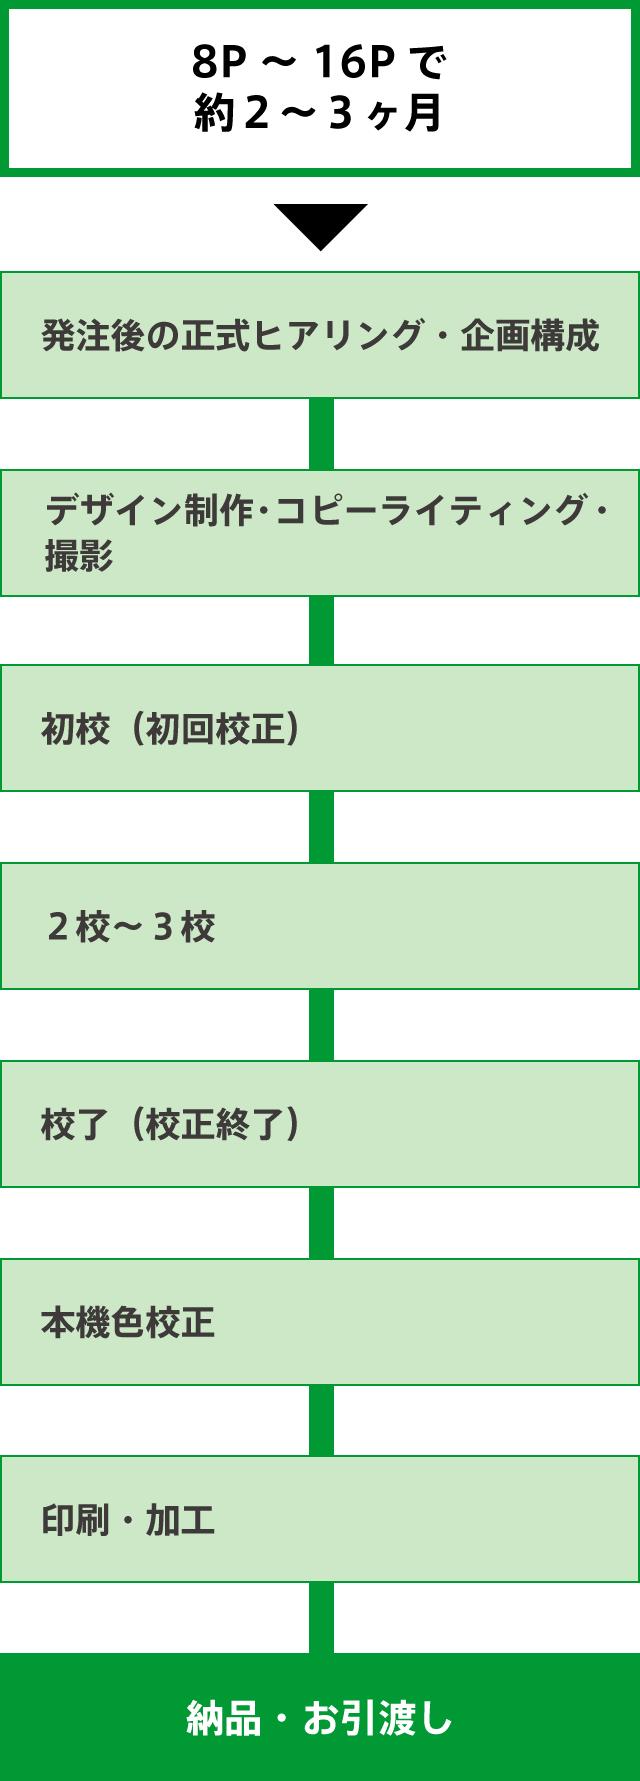 スケジュールチャート